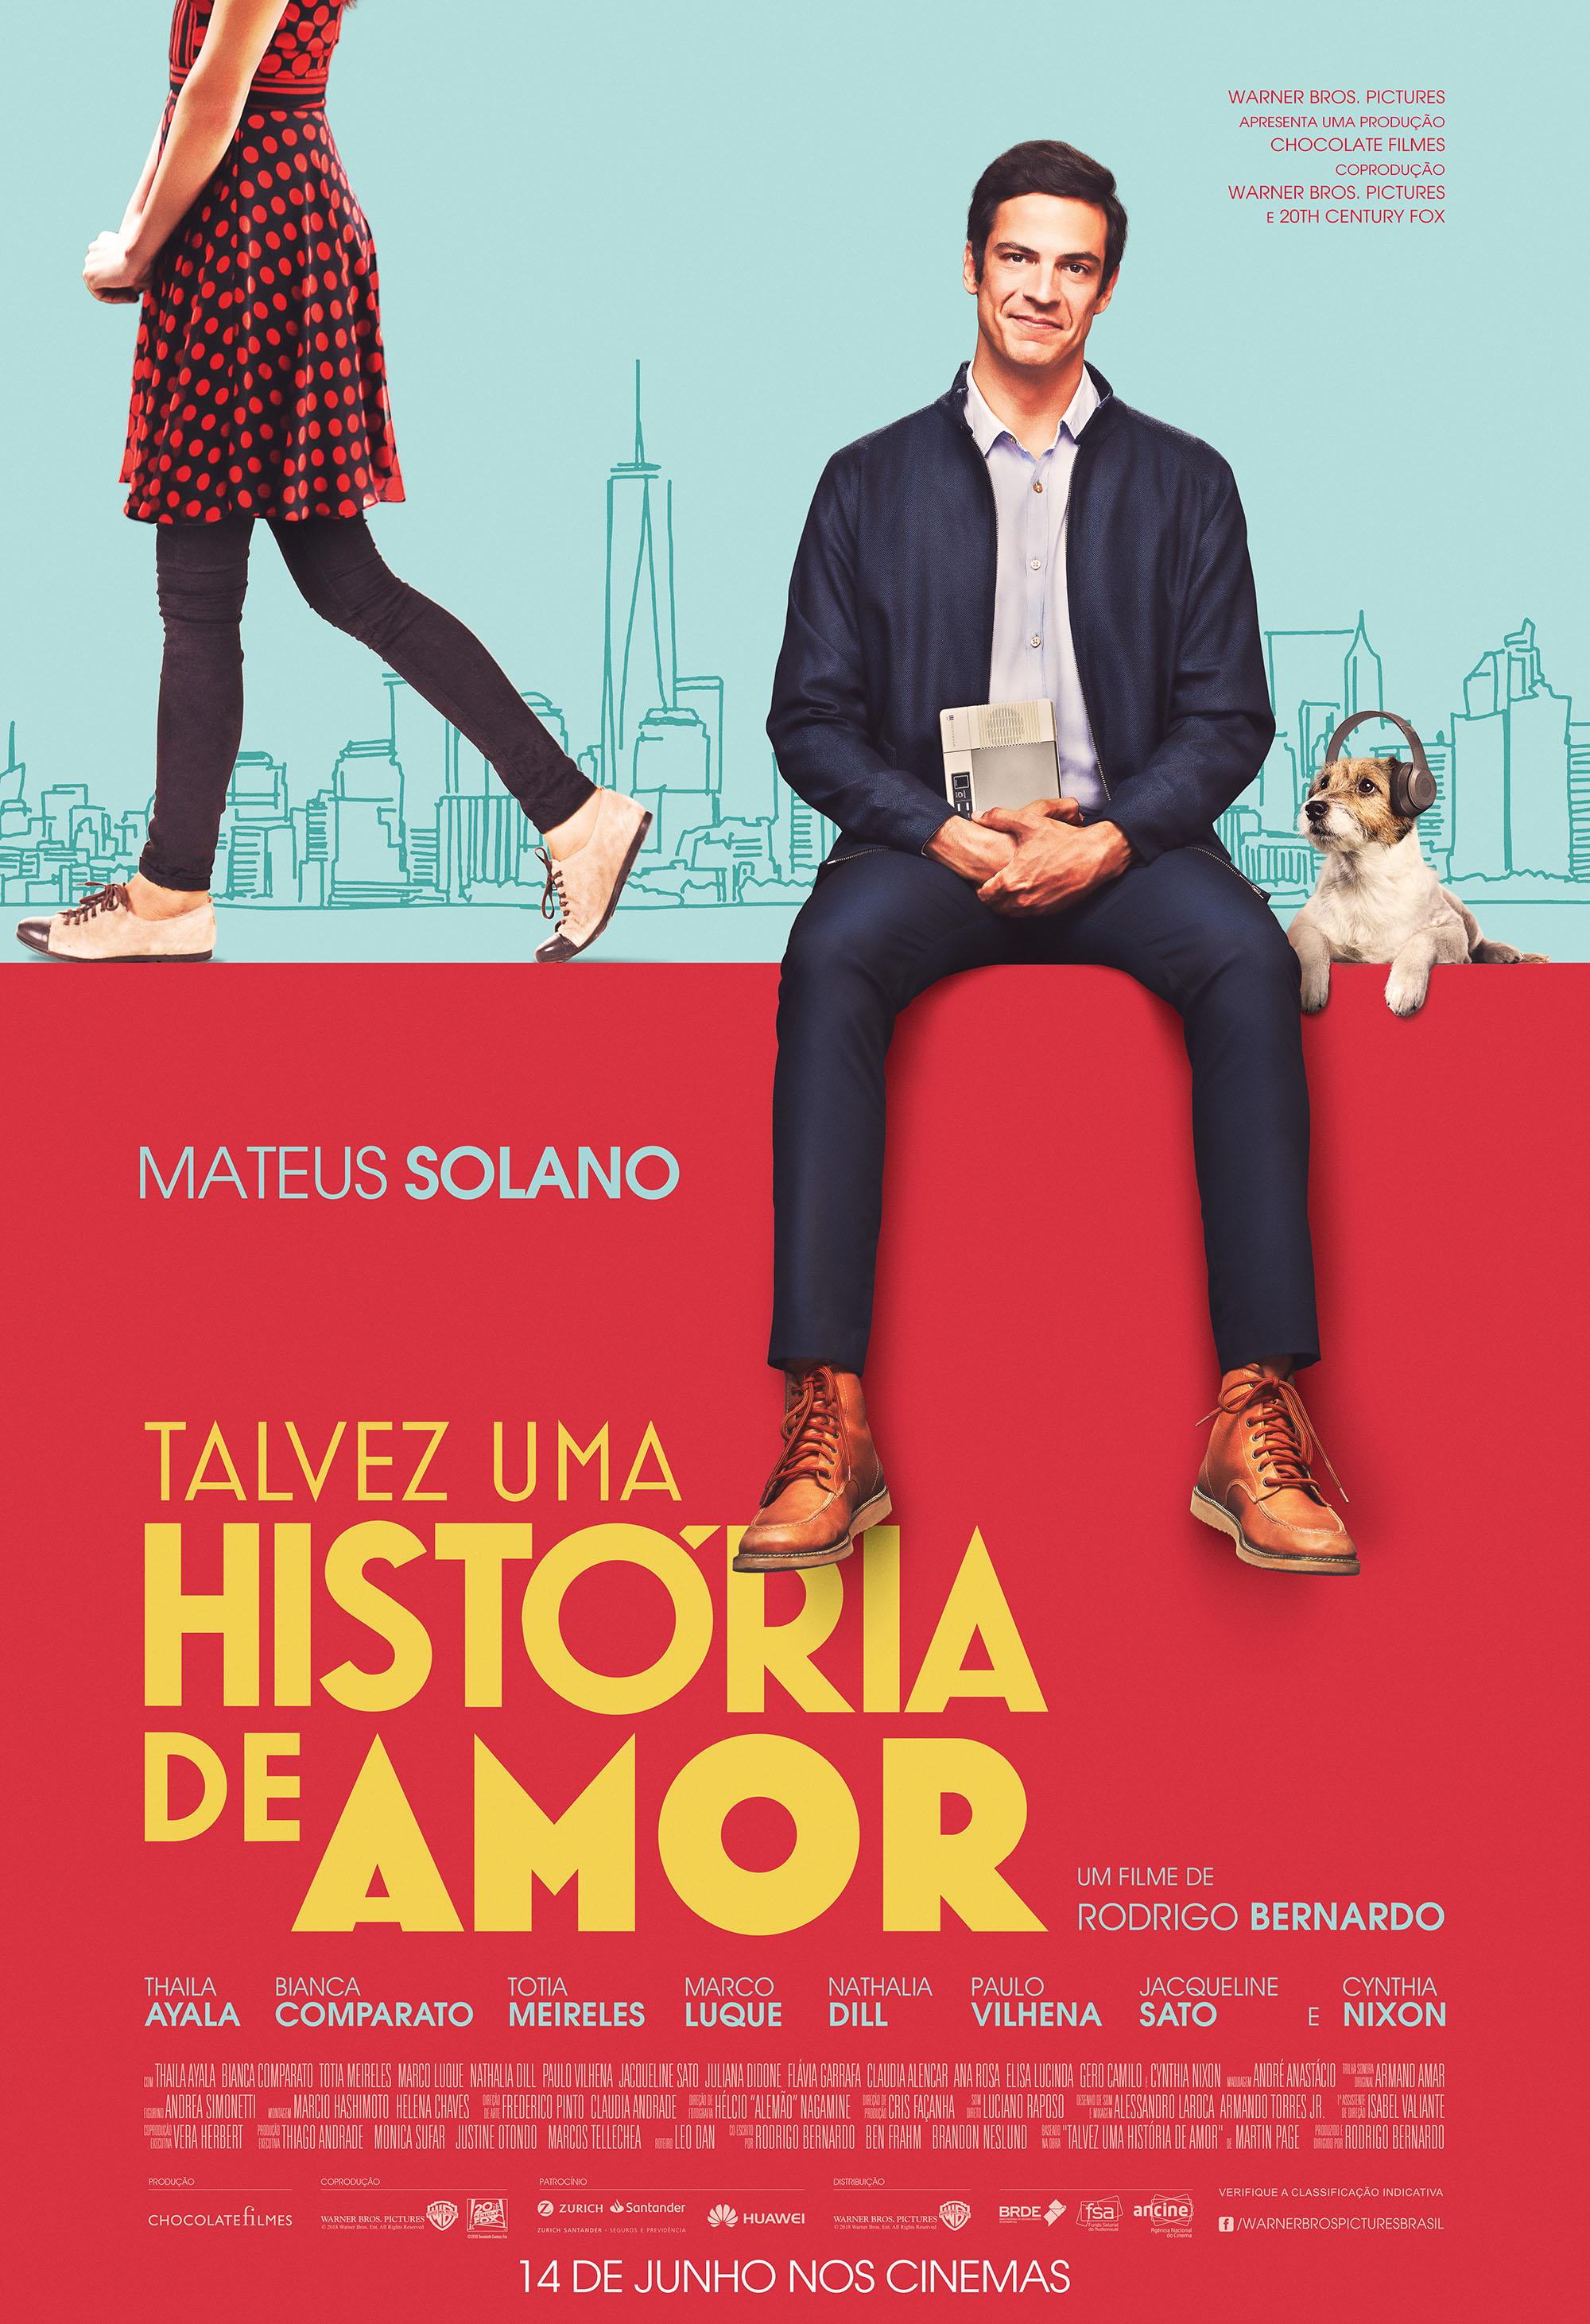 Talvez uma História de Amor - Filme 2018 - AdoroCinema